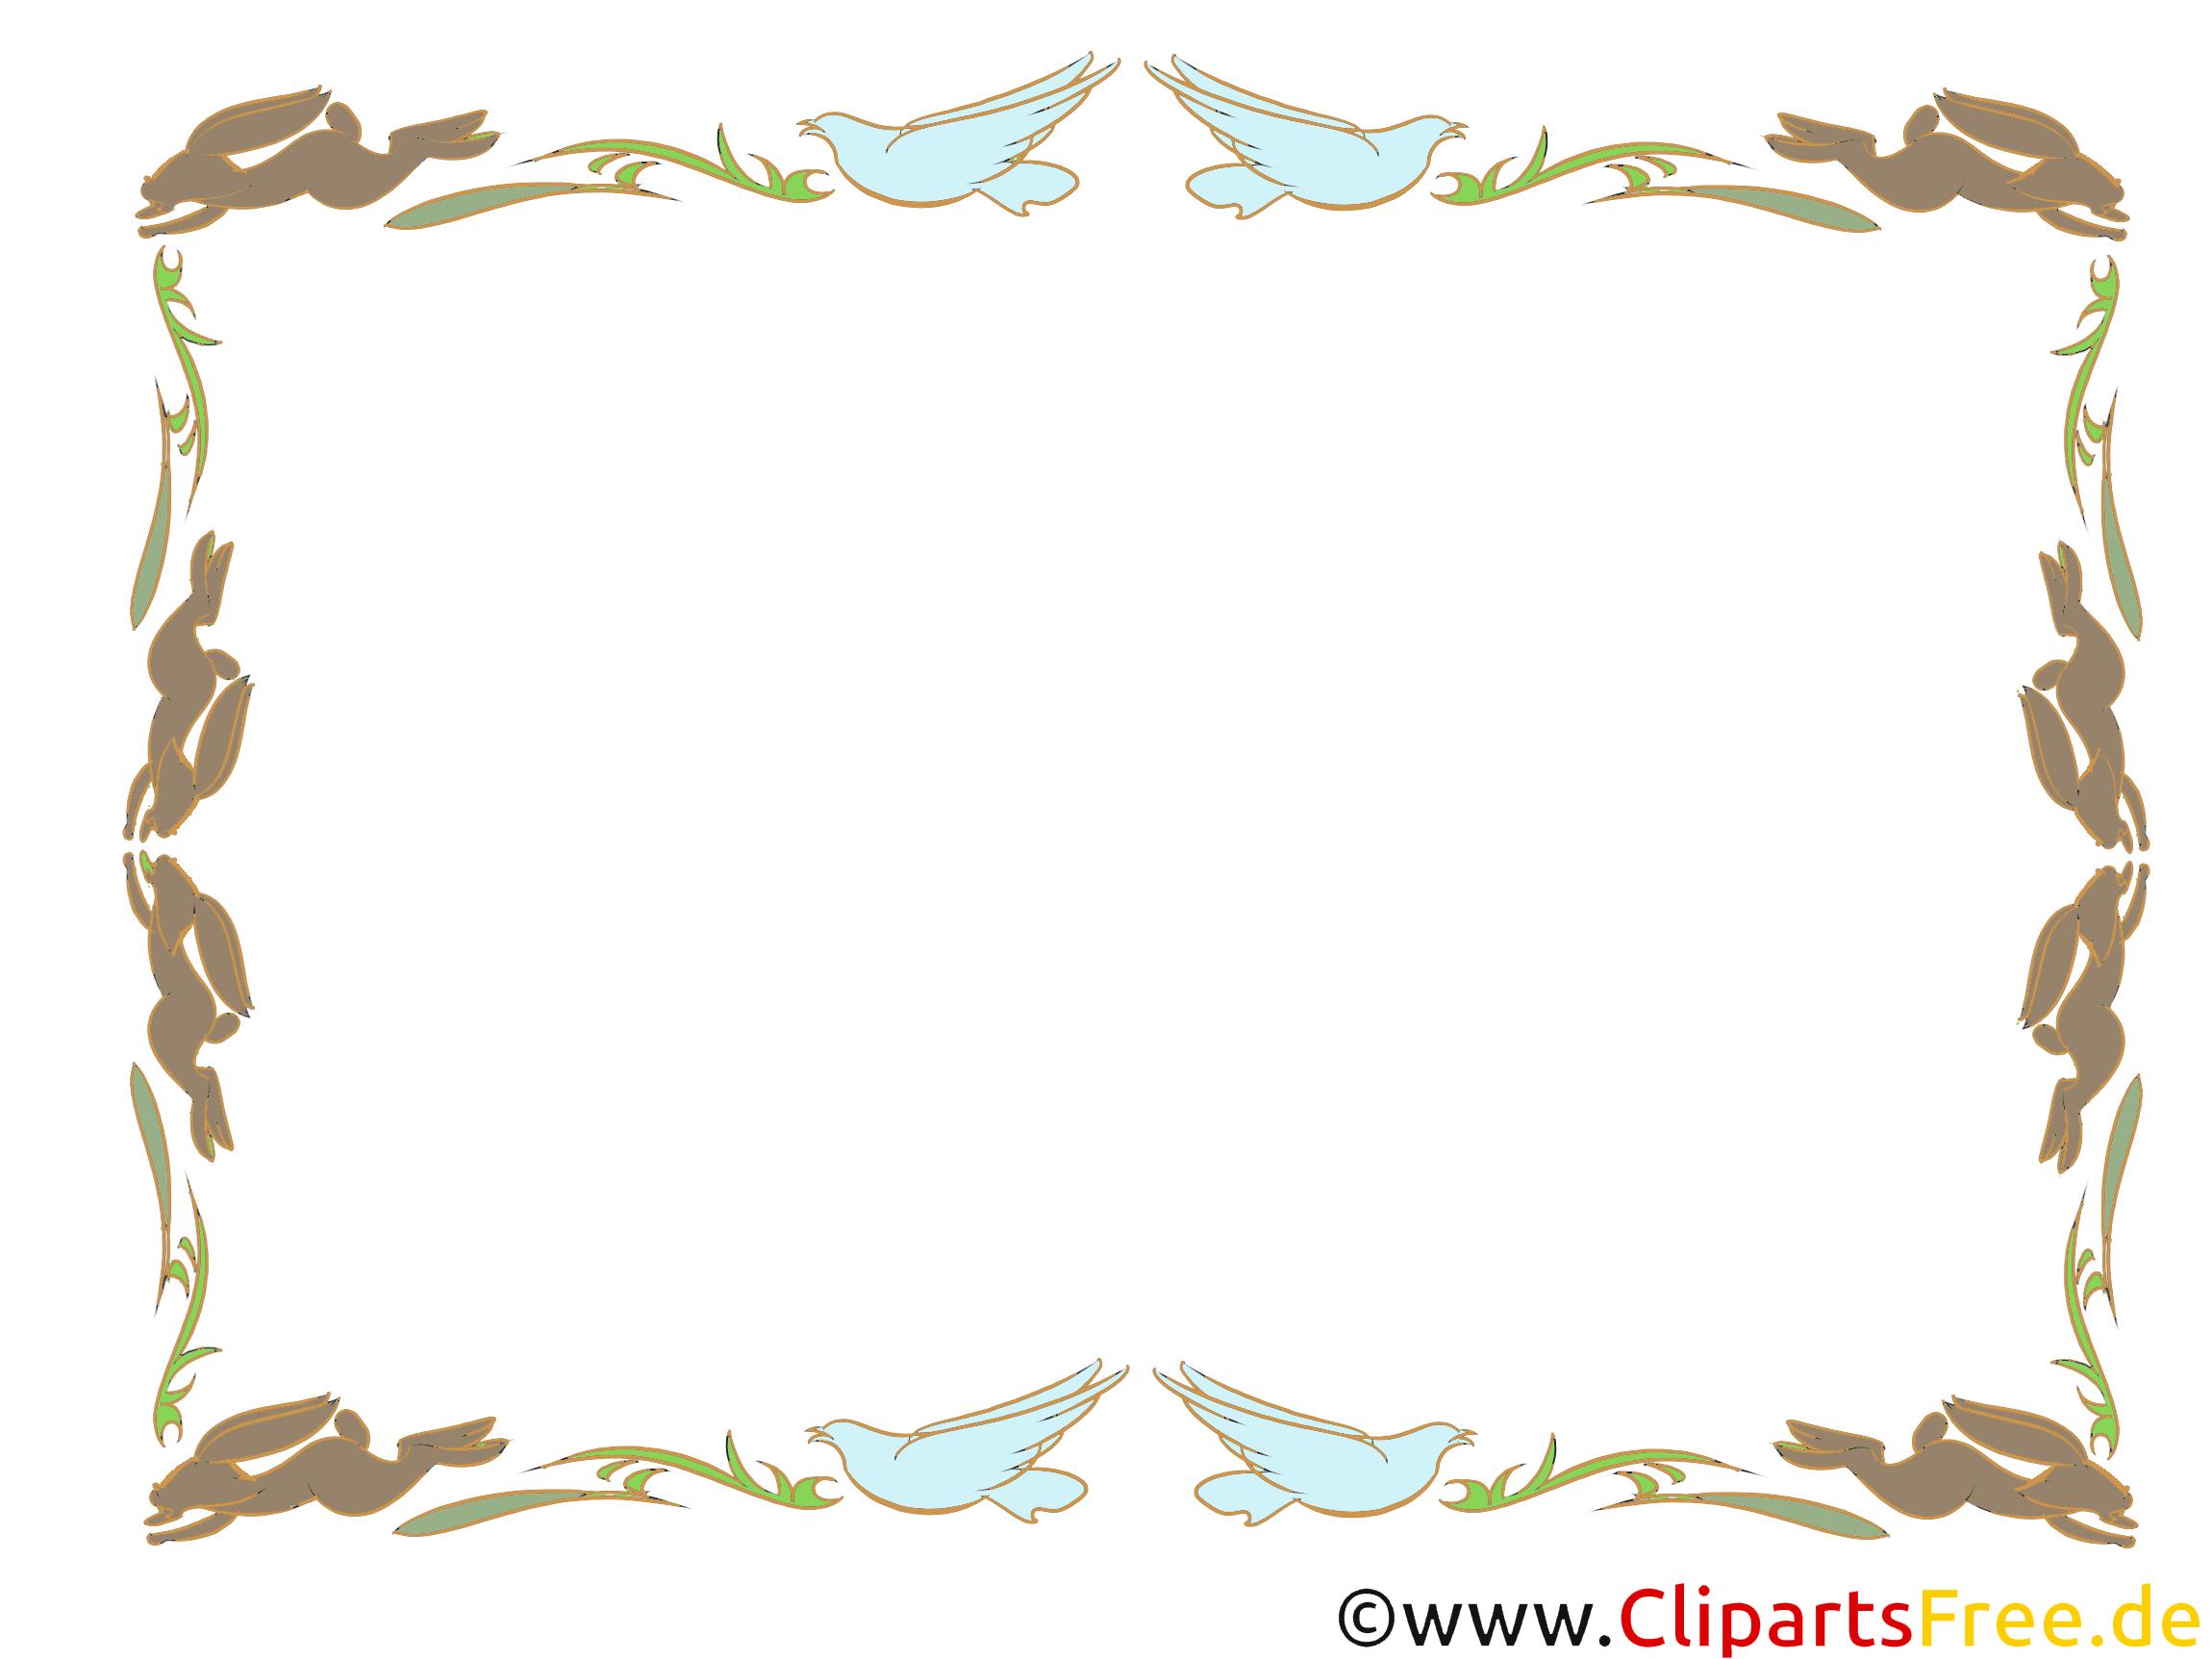 Bildrahmen mit Vögeln - Clipart kostenlos